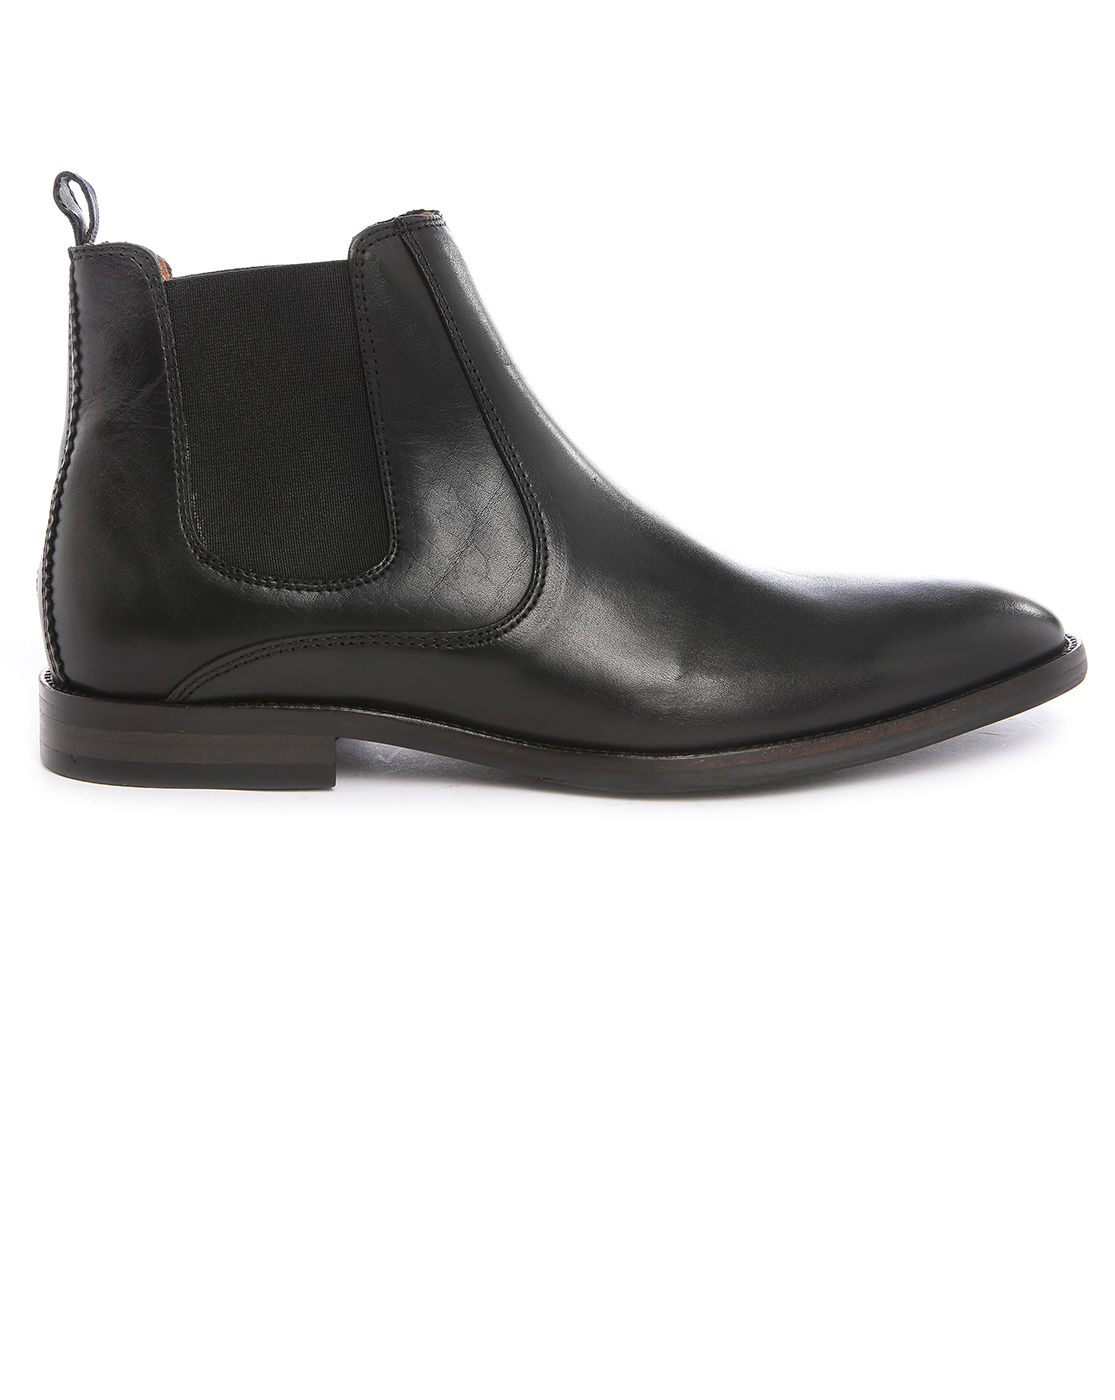 tommy hilfiger dalton 18a black leather chelsea boots in black for men. Black Bedroom Furniture Sets. Home Design Ideas